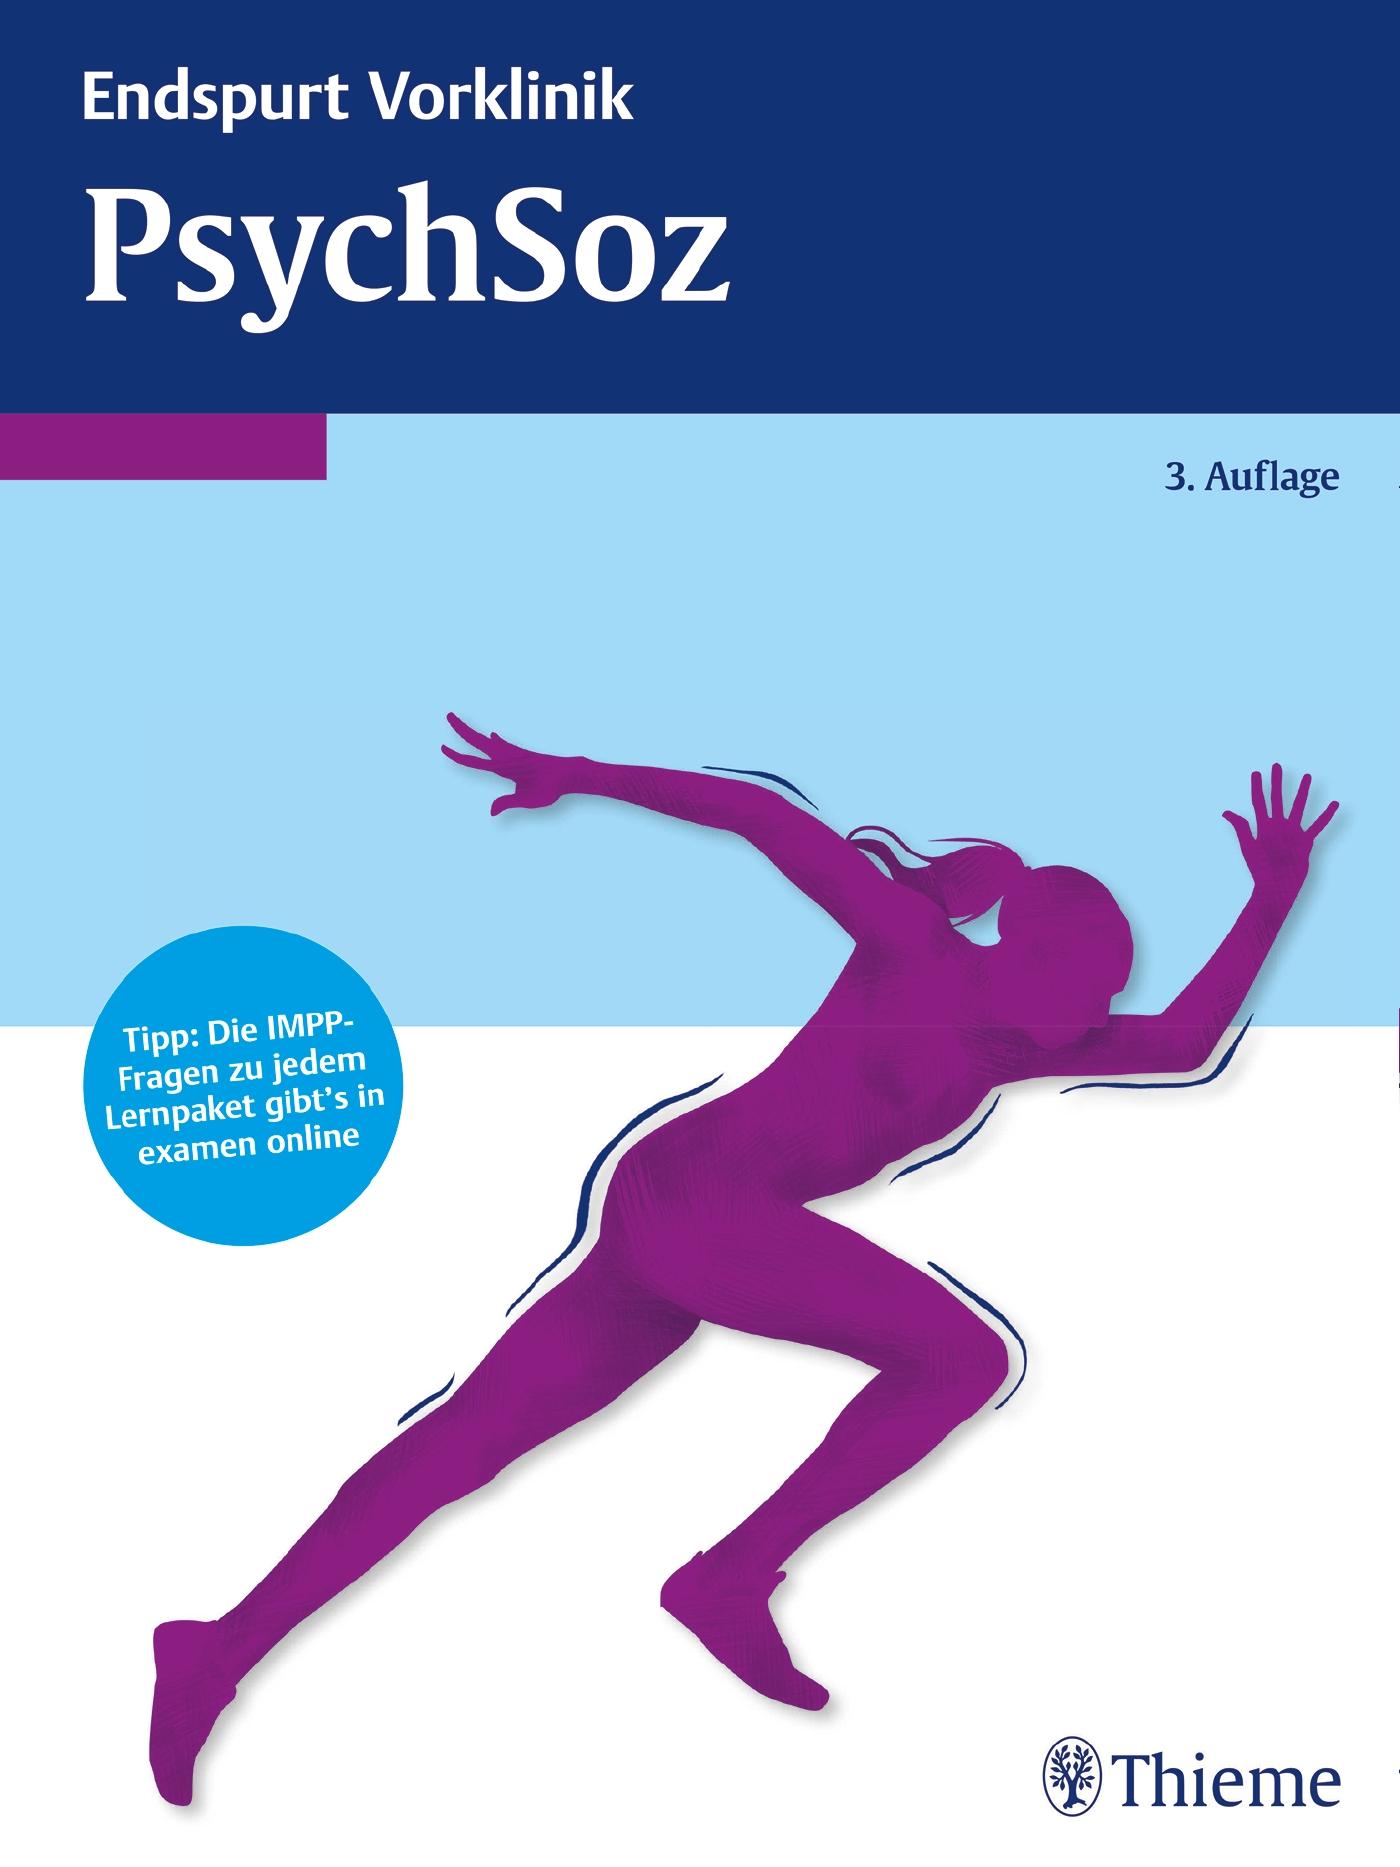 Erfreut Zystikus Anatomie Bilder - Menschliche Anatomie Bilder ...